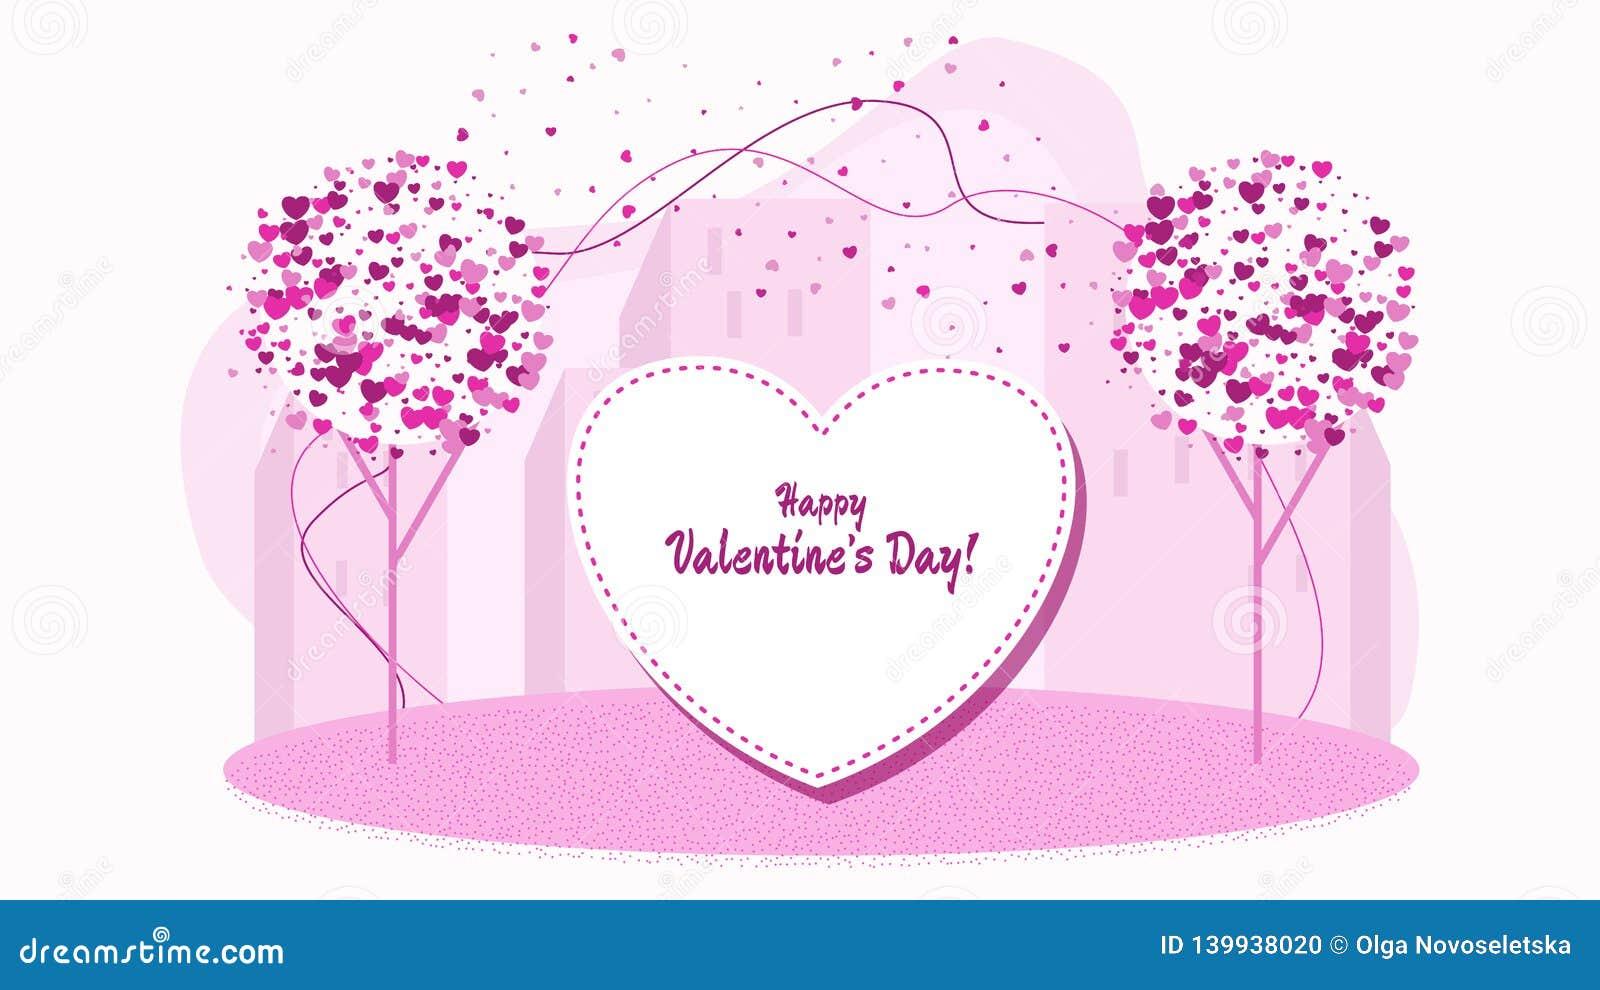 Leichte Wörter, eine Liebeserklärung Charaktere für Valentine Day